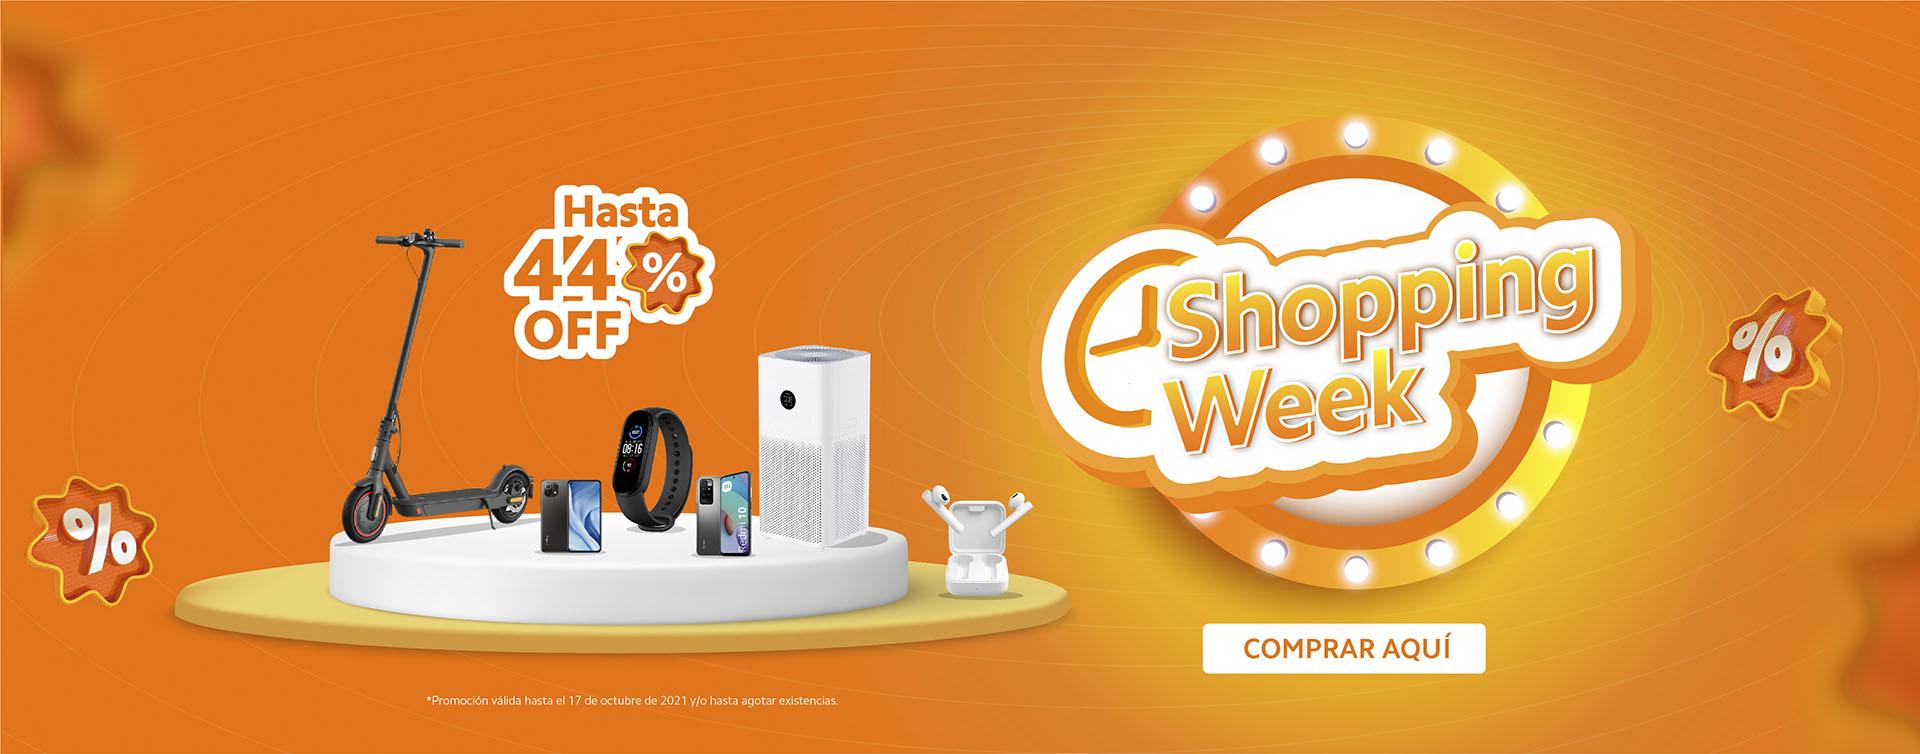 PROMOCIONES, OFERTAS, XIAOMI, DESCUENTOS, shopping week, smartphones, accesorios, smarthome, wearables